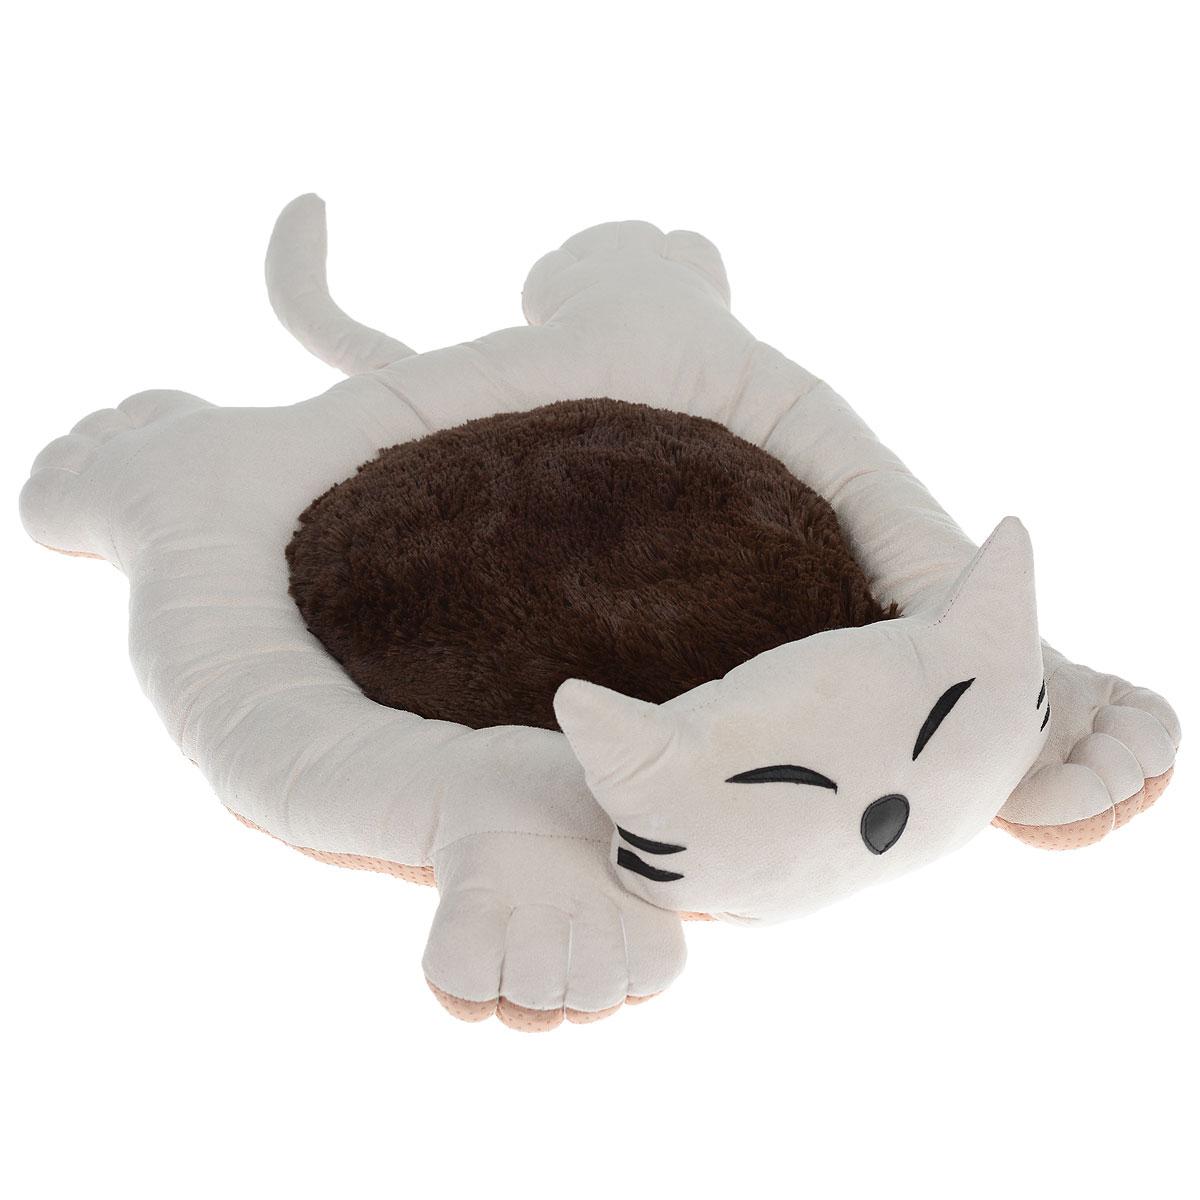 Лежак для собак и кошек I.P.T.S. Sylvester, цвет: бежевый, коричневый, 56 см х 44 см х 14,5 см19208_бежевый/коричневыйМягкий и уютный лежак для кошек и собак I.P.T.S. Sylvester обязательно понравится вашему питомцу. Лежак выполнен в виде кота. Он изготовлен из нежного, приятного материала. Внутри - мягкий наполнитель, который не теряет своей формы долгое время.Мягкий, приятный и теплый лежак обеспечит вашему любимцу уют и комфорт. Подходит как для кошек, так и для маленьких, карликовых пород собак.За изделием легко ухаживать, можно стирать вручную или в стиральной машине при температуре 30°С. Материал бортиков: искусственная замша.Материал матрасика: плюш.Наполнитель: полифибер.Товар сертифицирован.